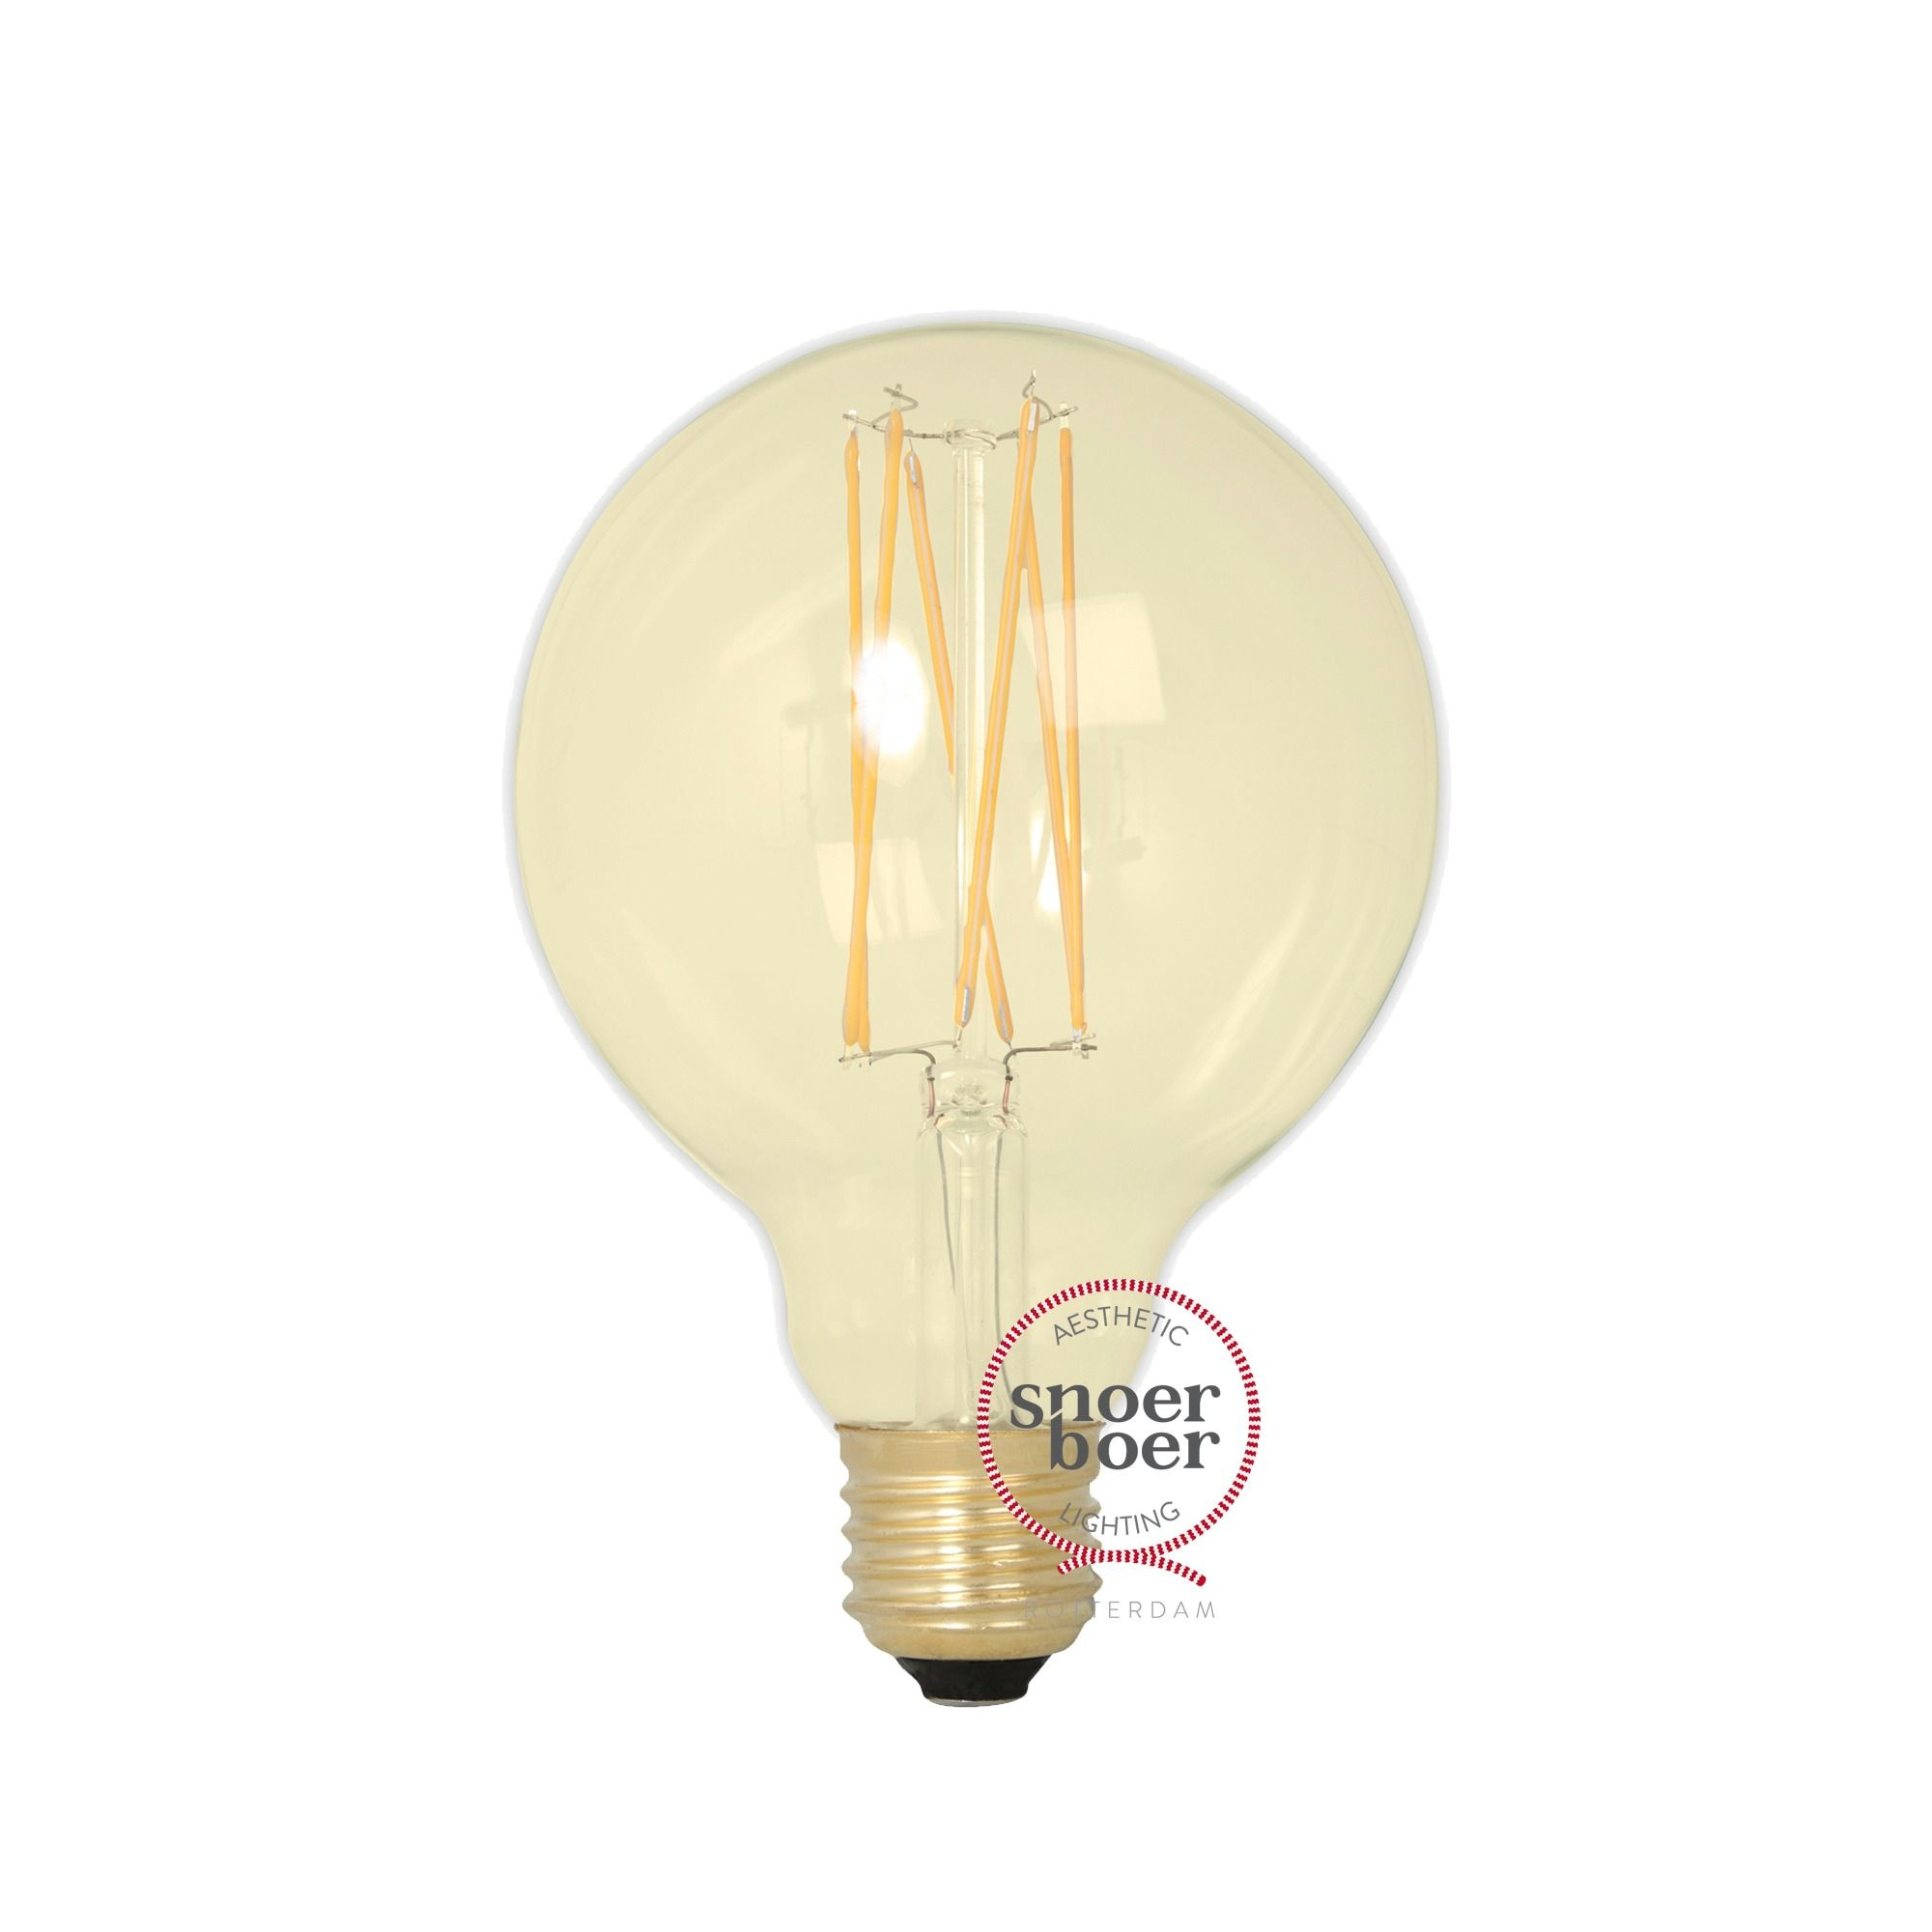 Snoerboer Led O 95mm Globe 4w E27 Dimbaar Gold Glass Helder Glas Led Lampen